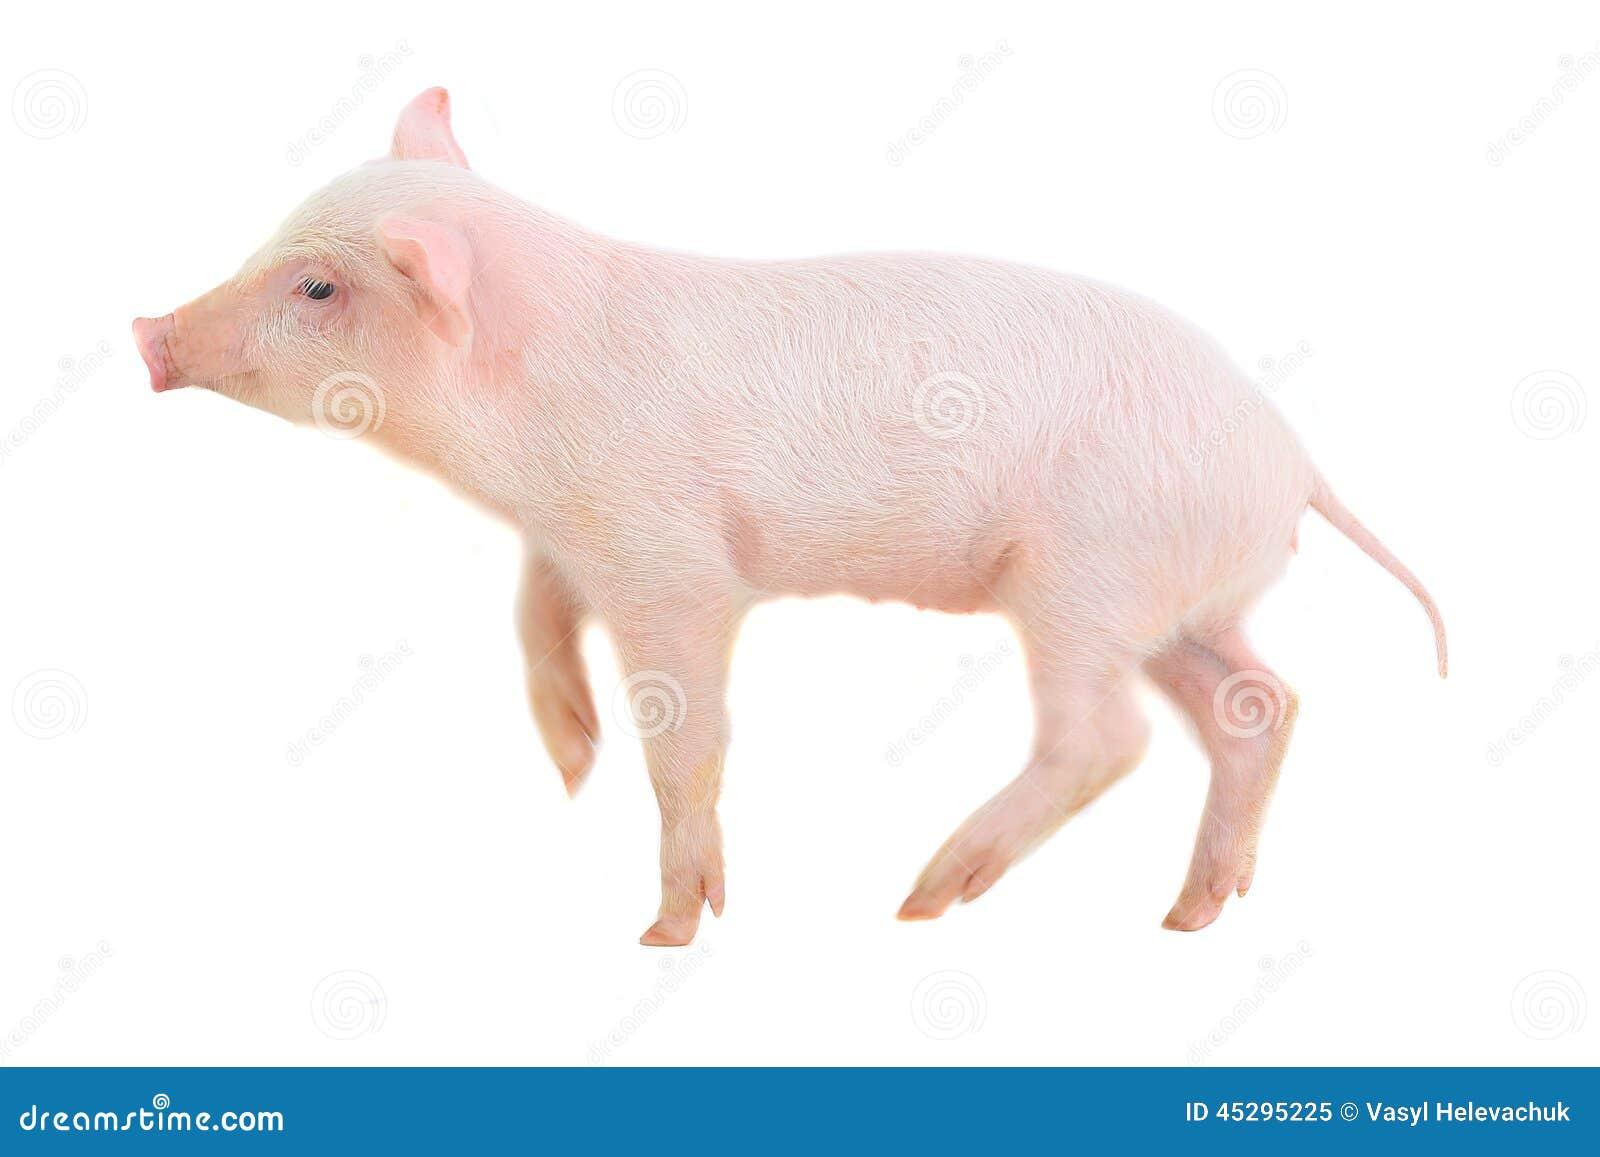 女友猪鼻子整形